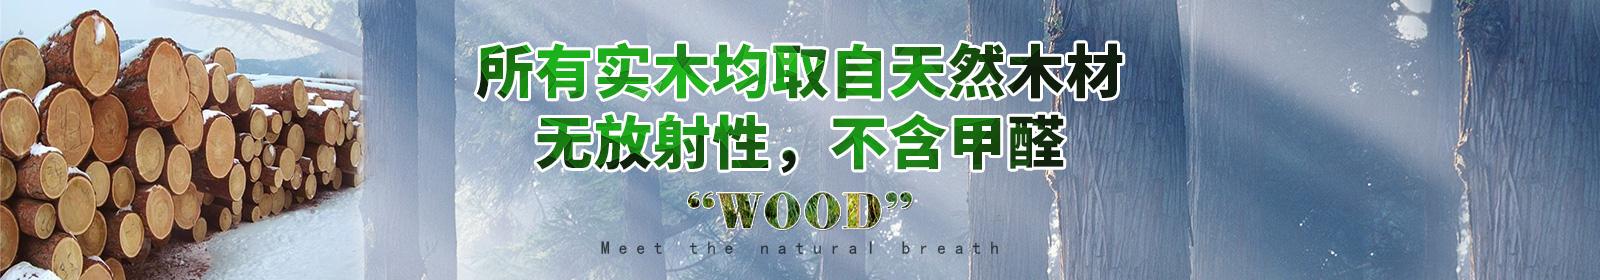 建筑木方在雨季中要如何去保护